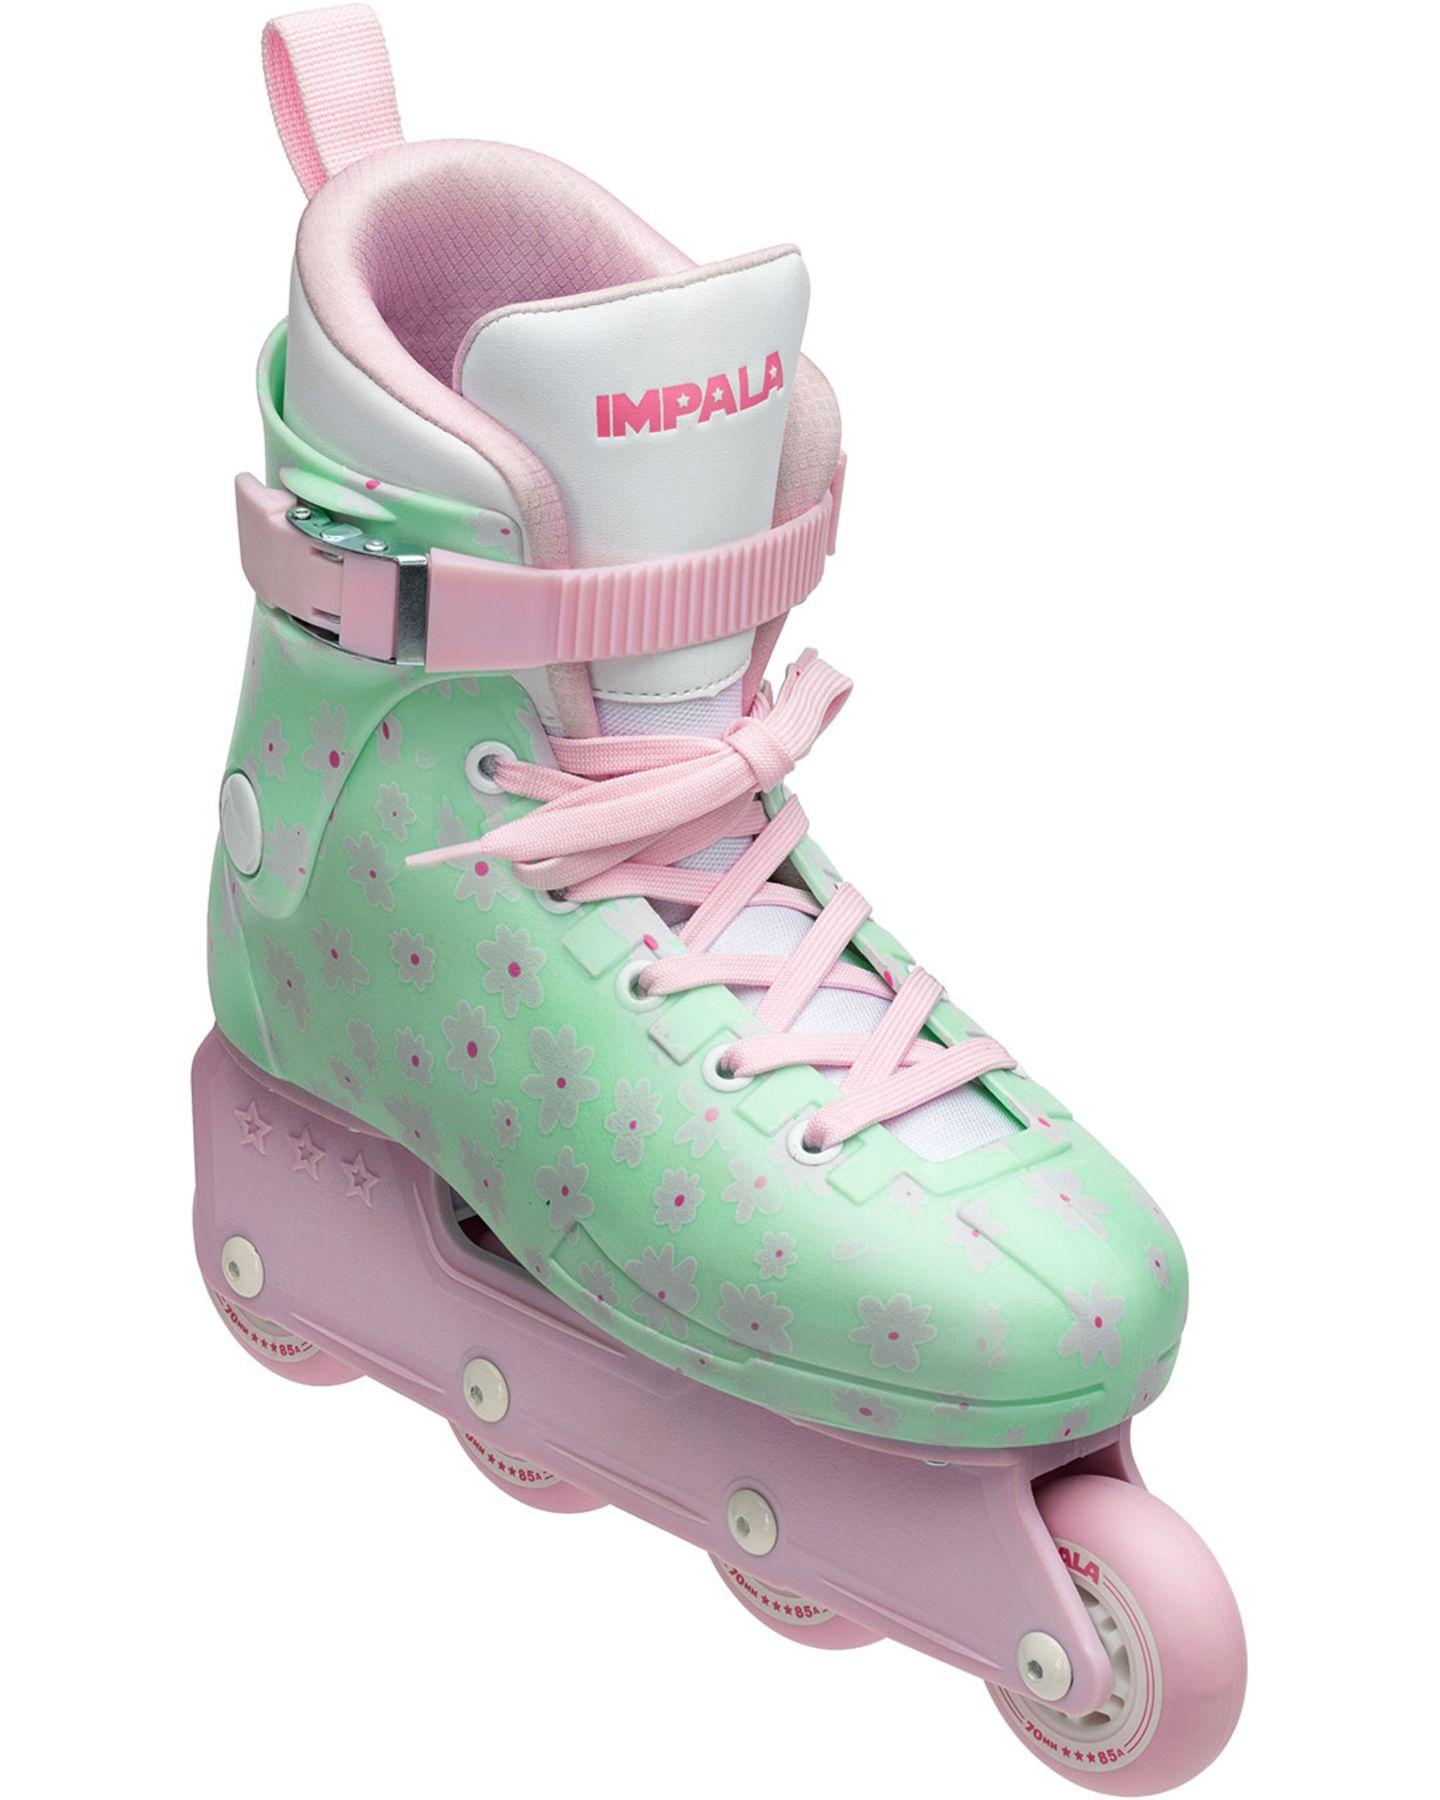 Outdoor-Sport ist für sich schon cool – wenn die Inline Skates dann auch noch im ultra stylischen Retro-Design sind, gibt es keine Ausreden mehr, den eigenen Schweinehund nicht zu überwinden. Impala Skates, ca. 150 Euro.